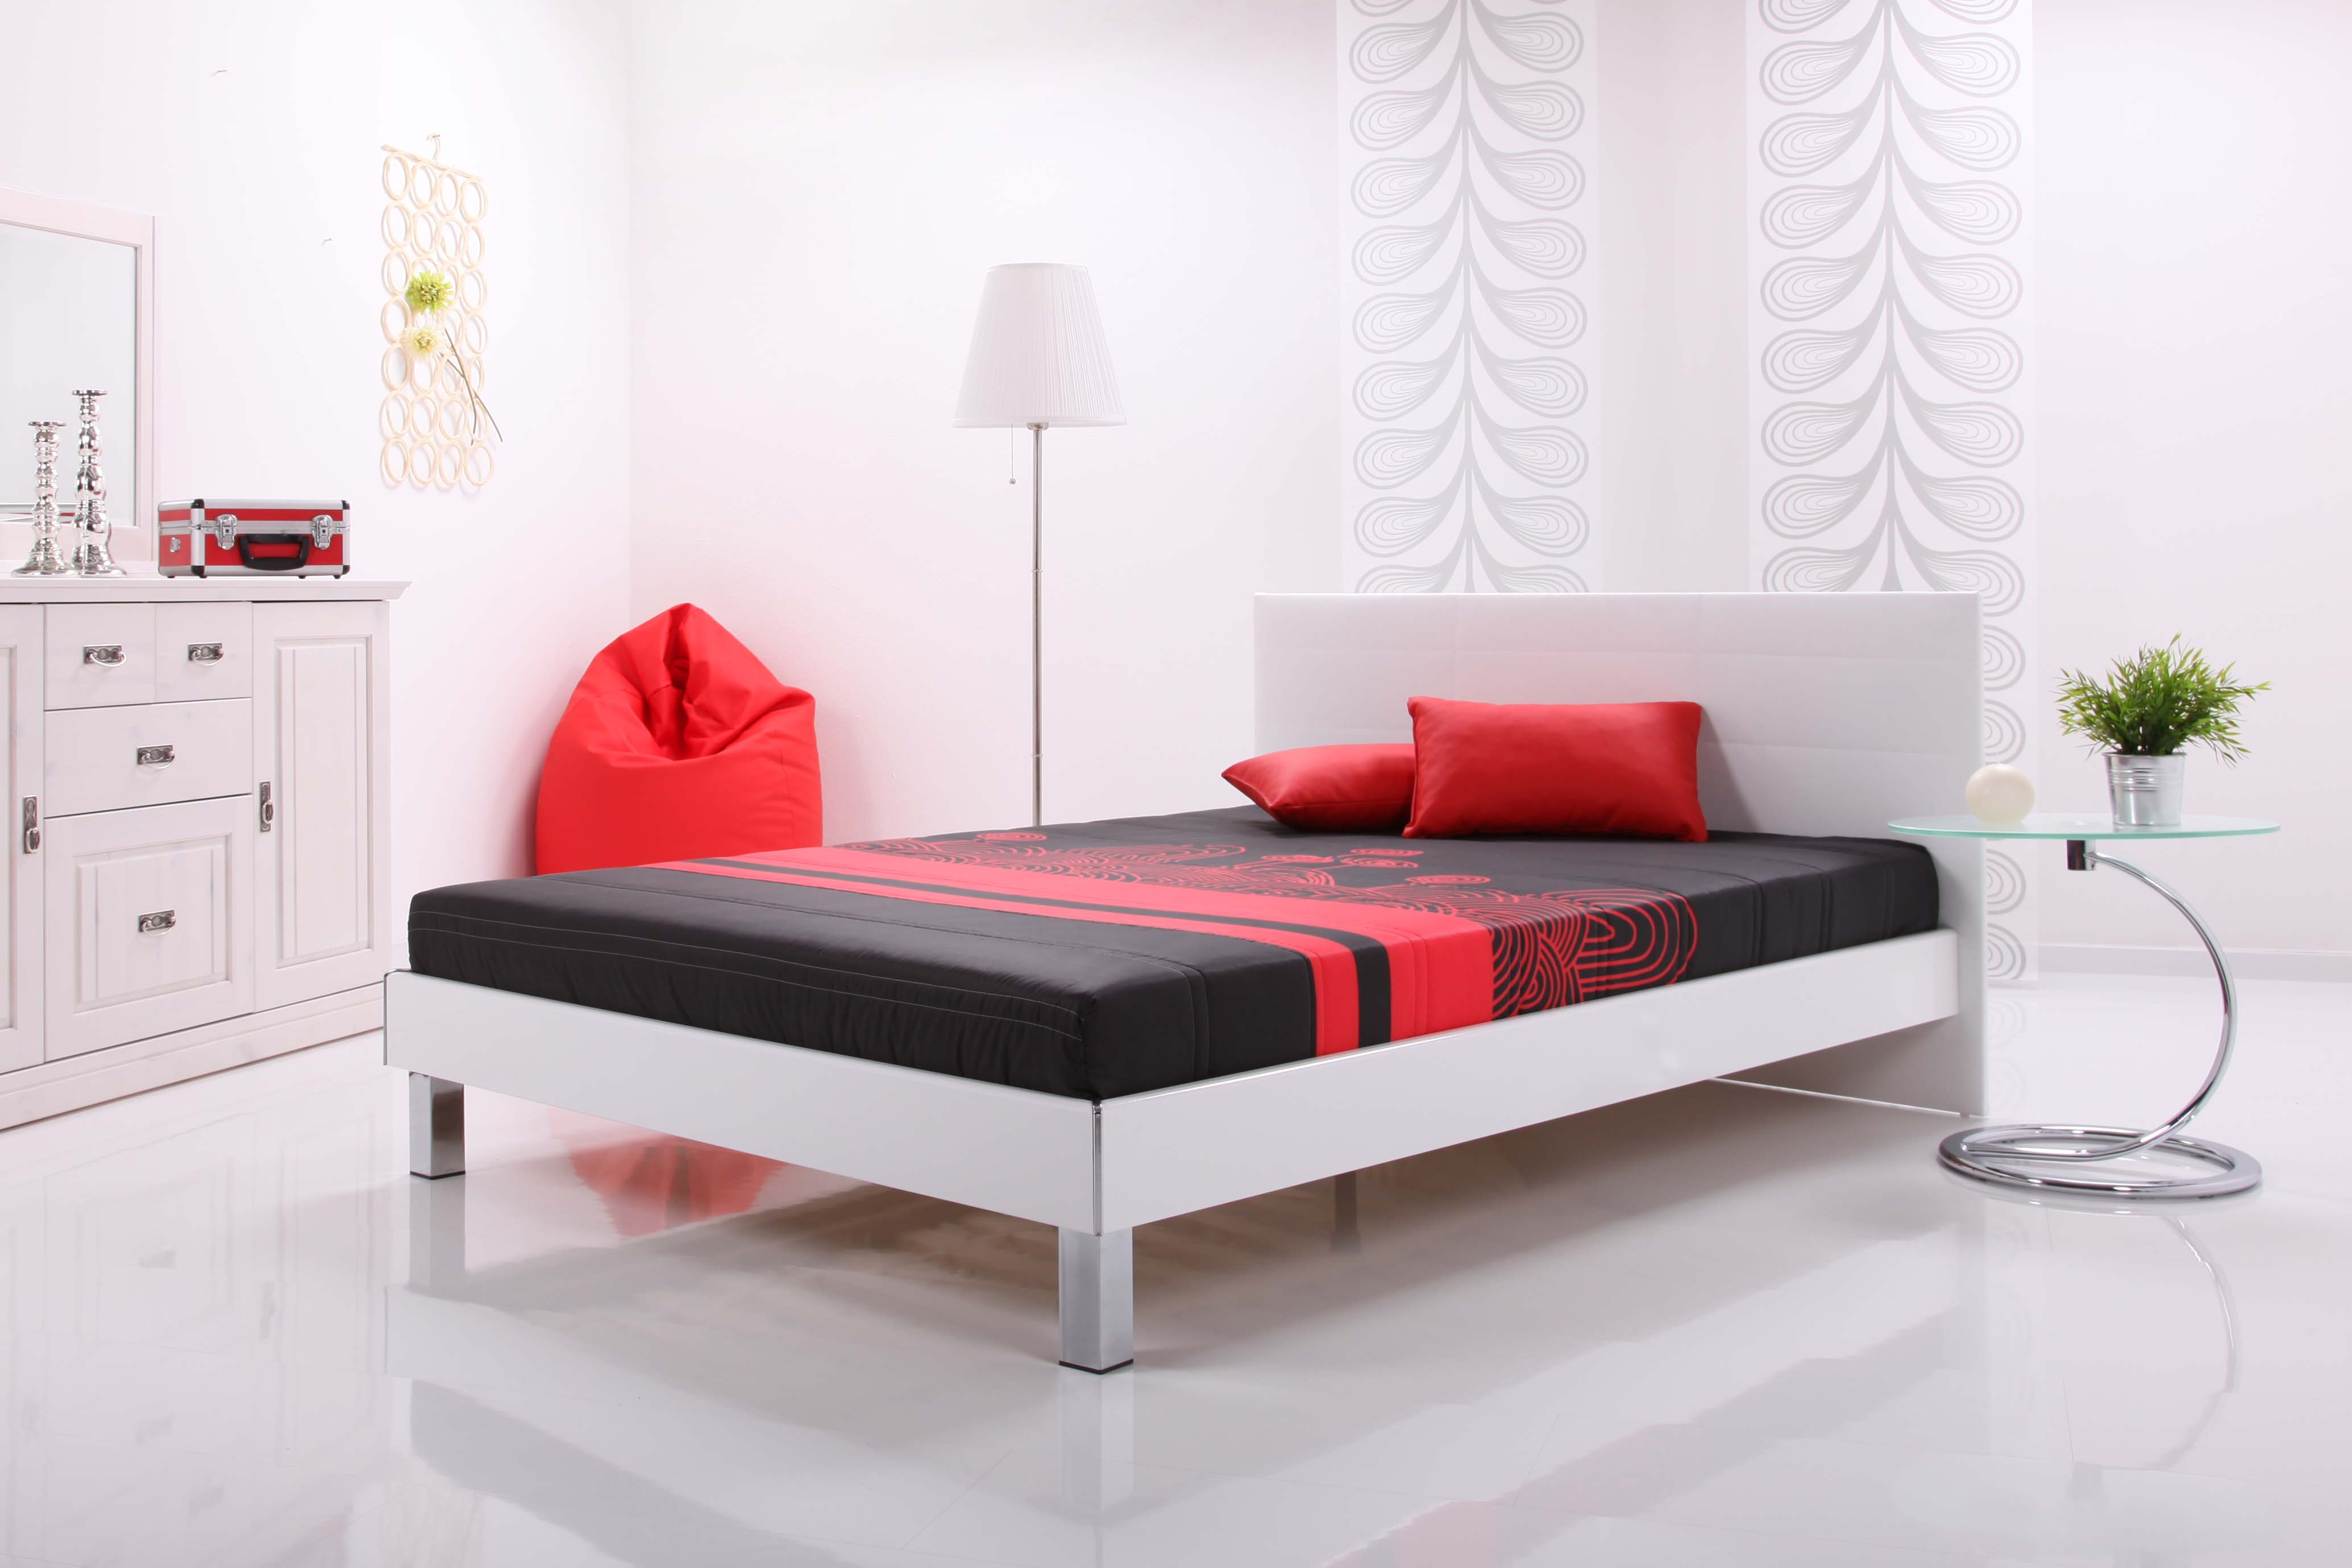 ausgezeichnet sensational ottoversand betten bilder die. Black Bedroom Furniture Sets. Home Design Ideas